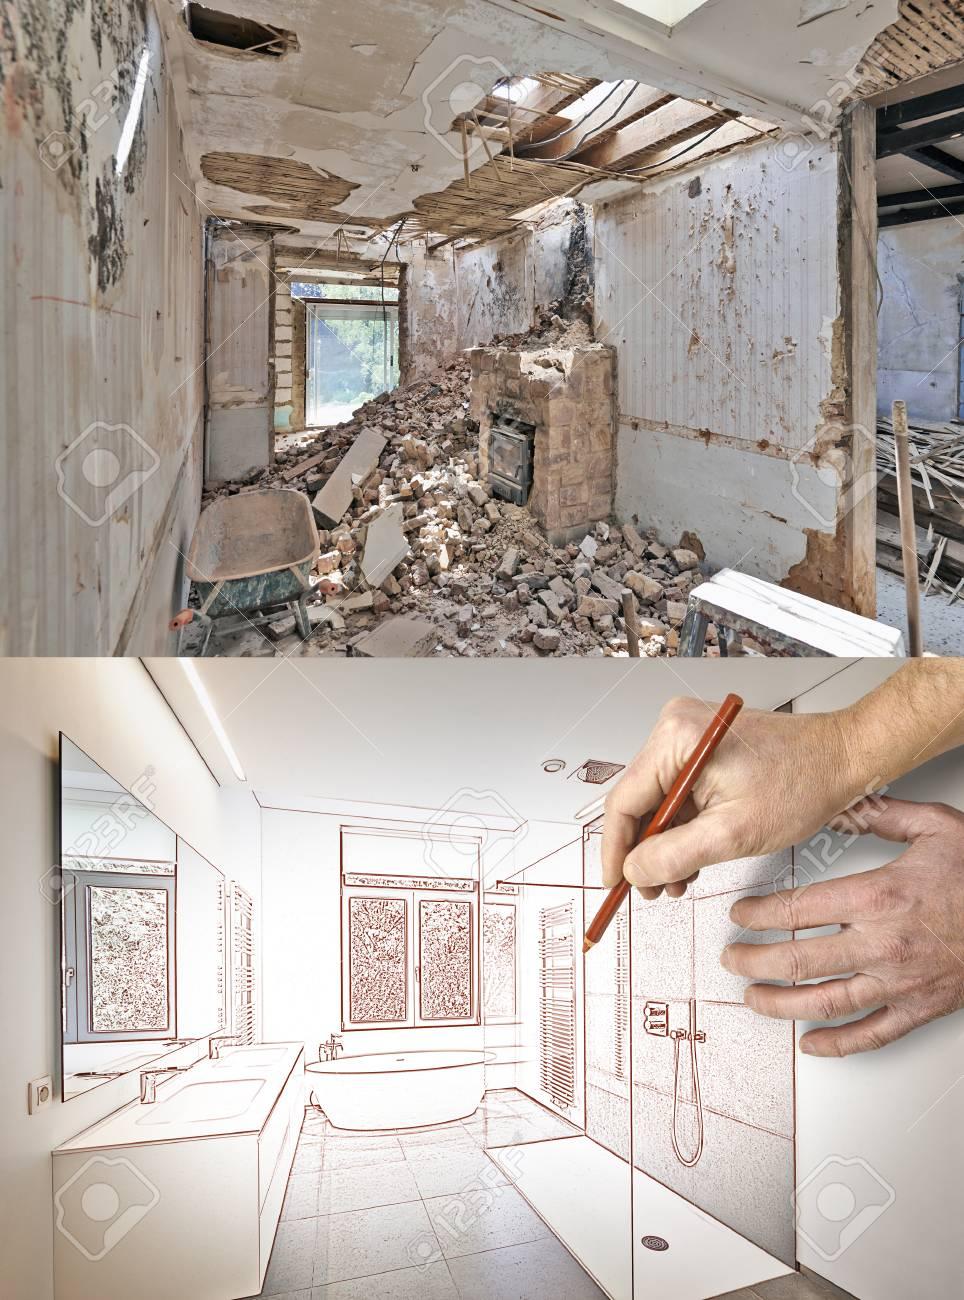 Dessin Et Projet De Rénovation D\'une Salle De Bain Avant Et Après ...